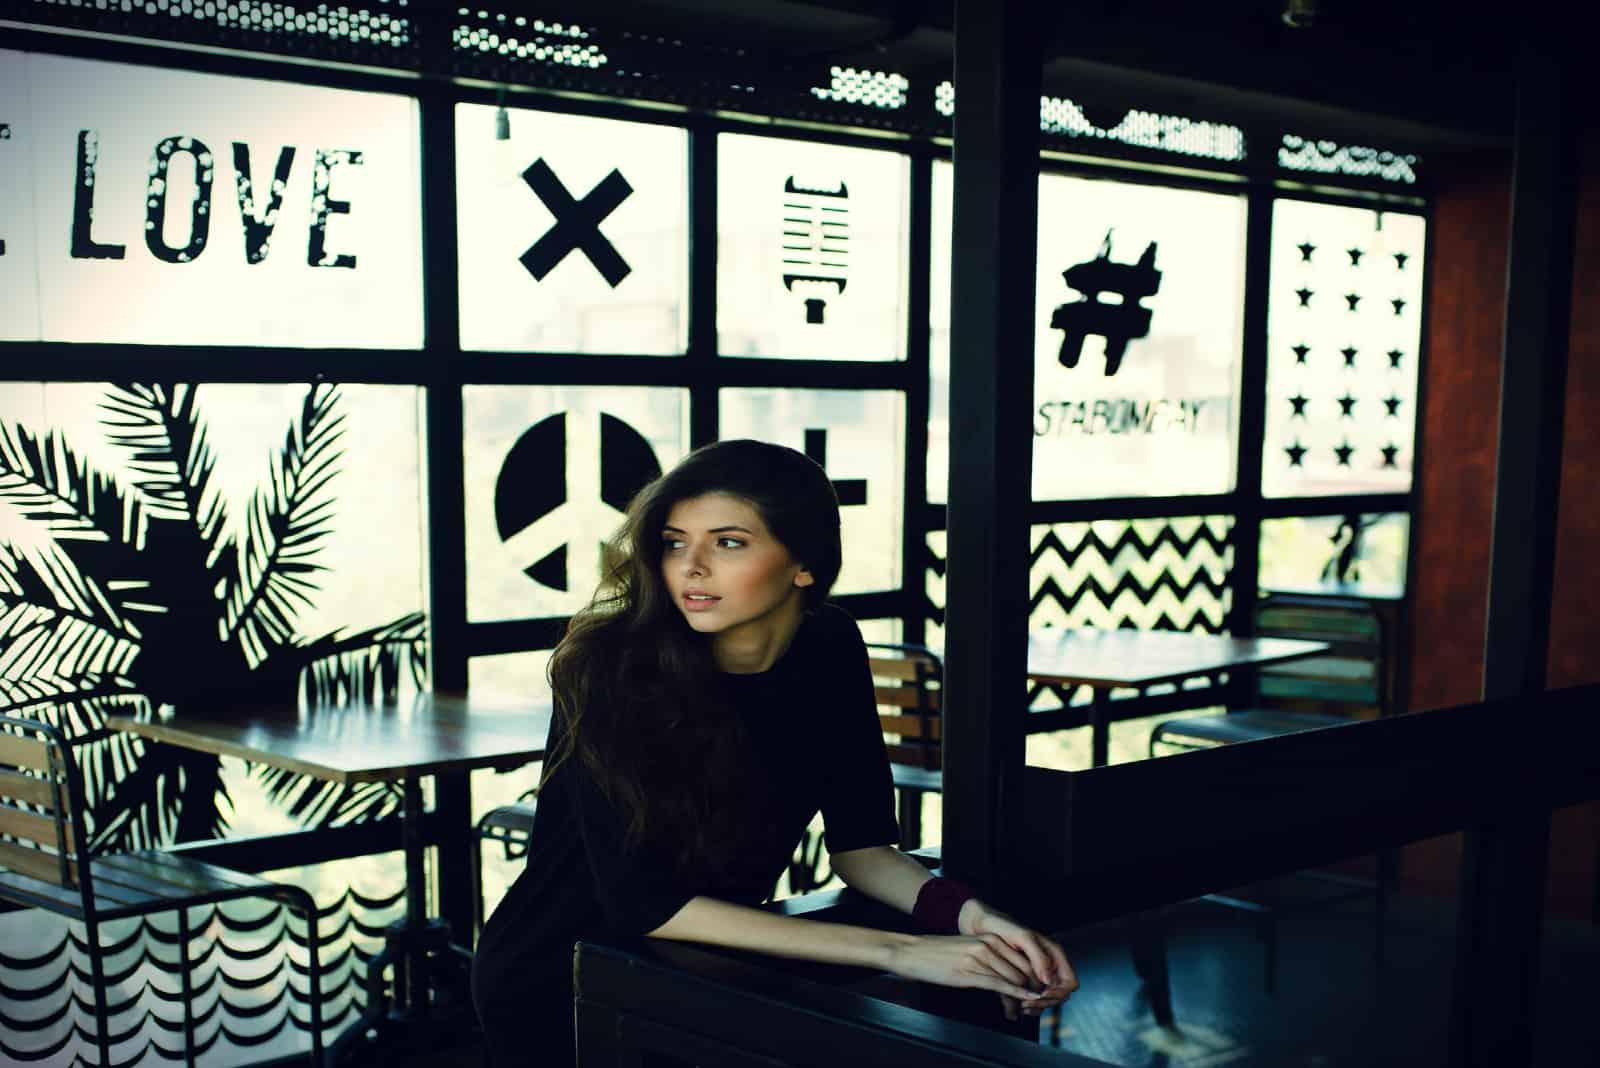 femme pensive en haut noir appuyée sur une table